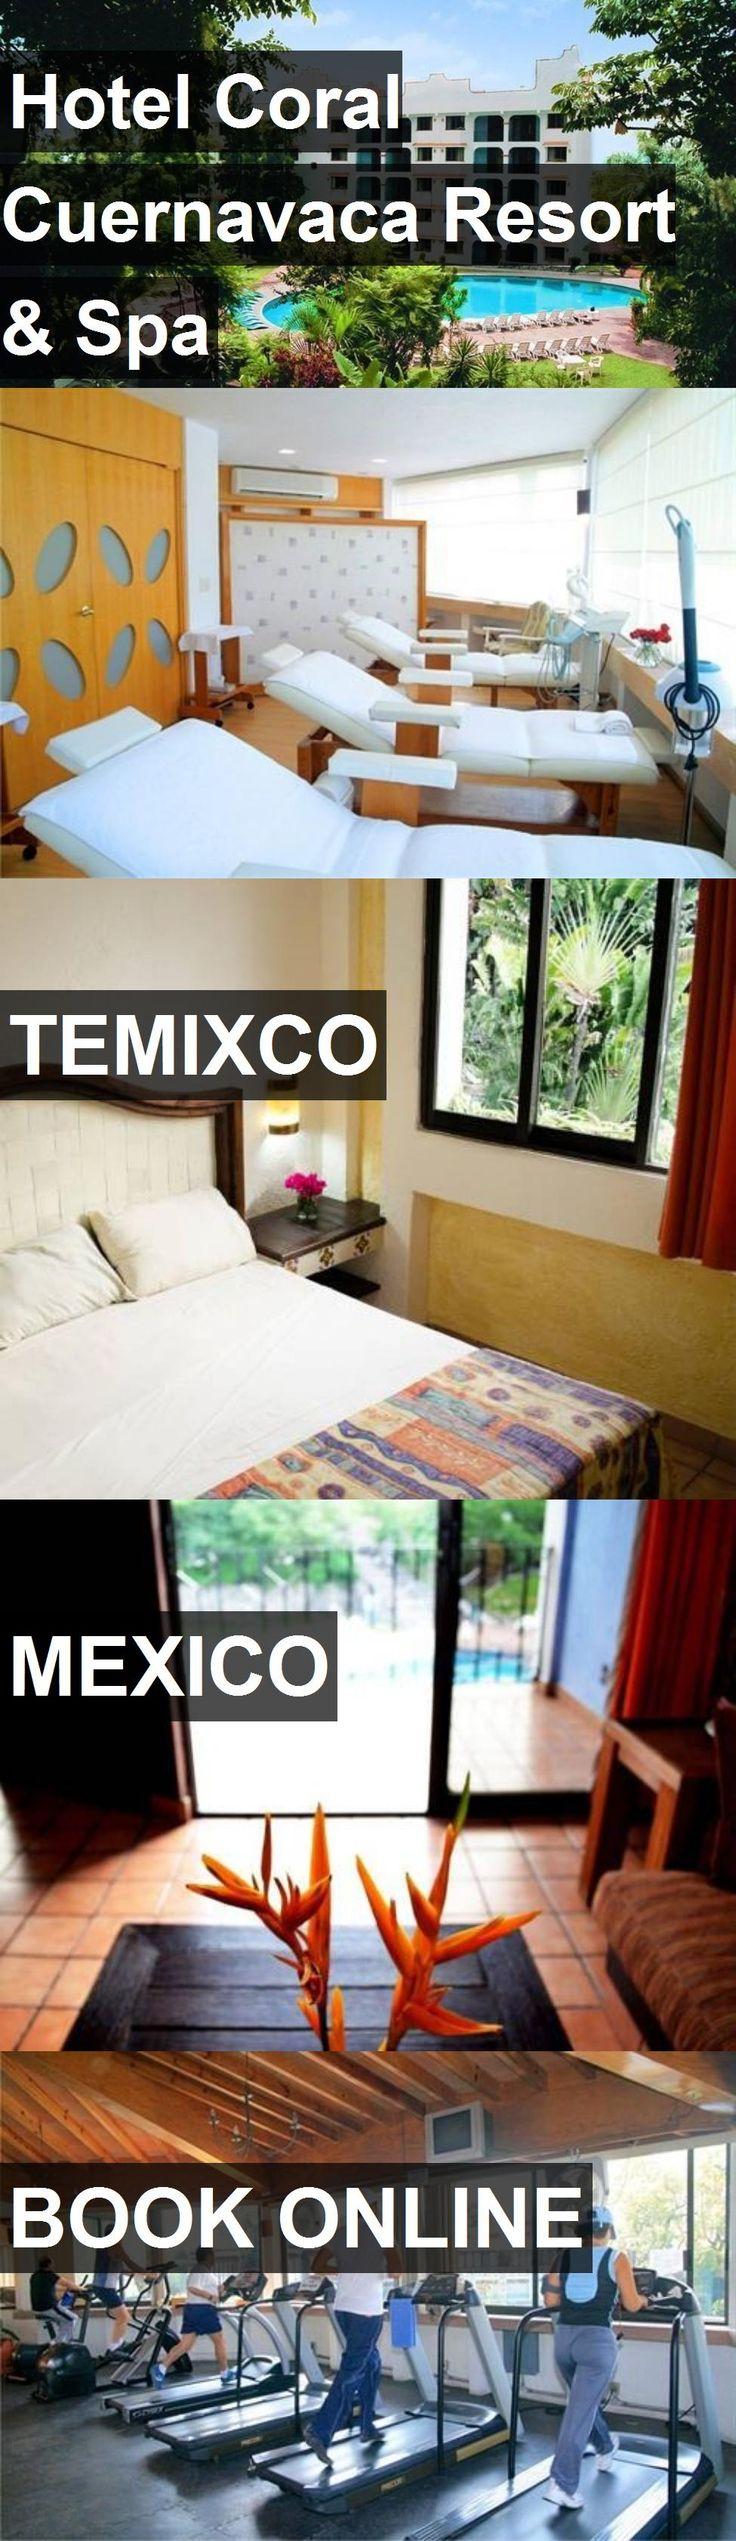 Hotel Coral Cuernavaca Resort